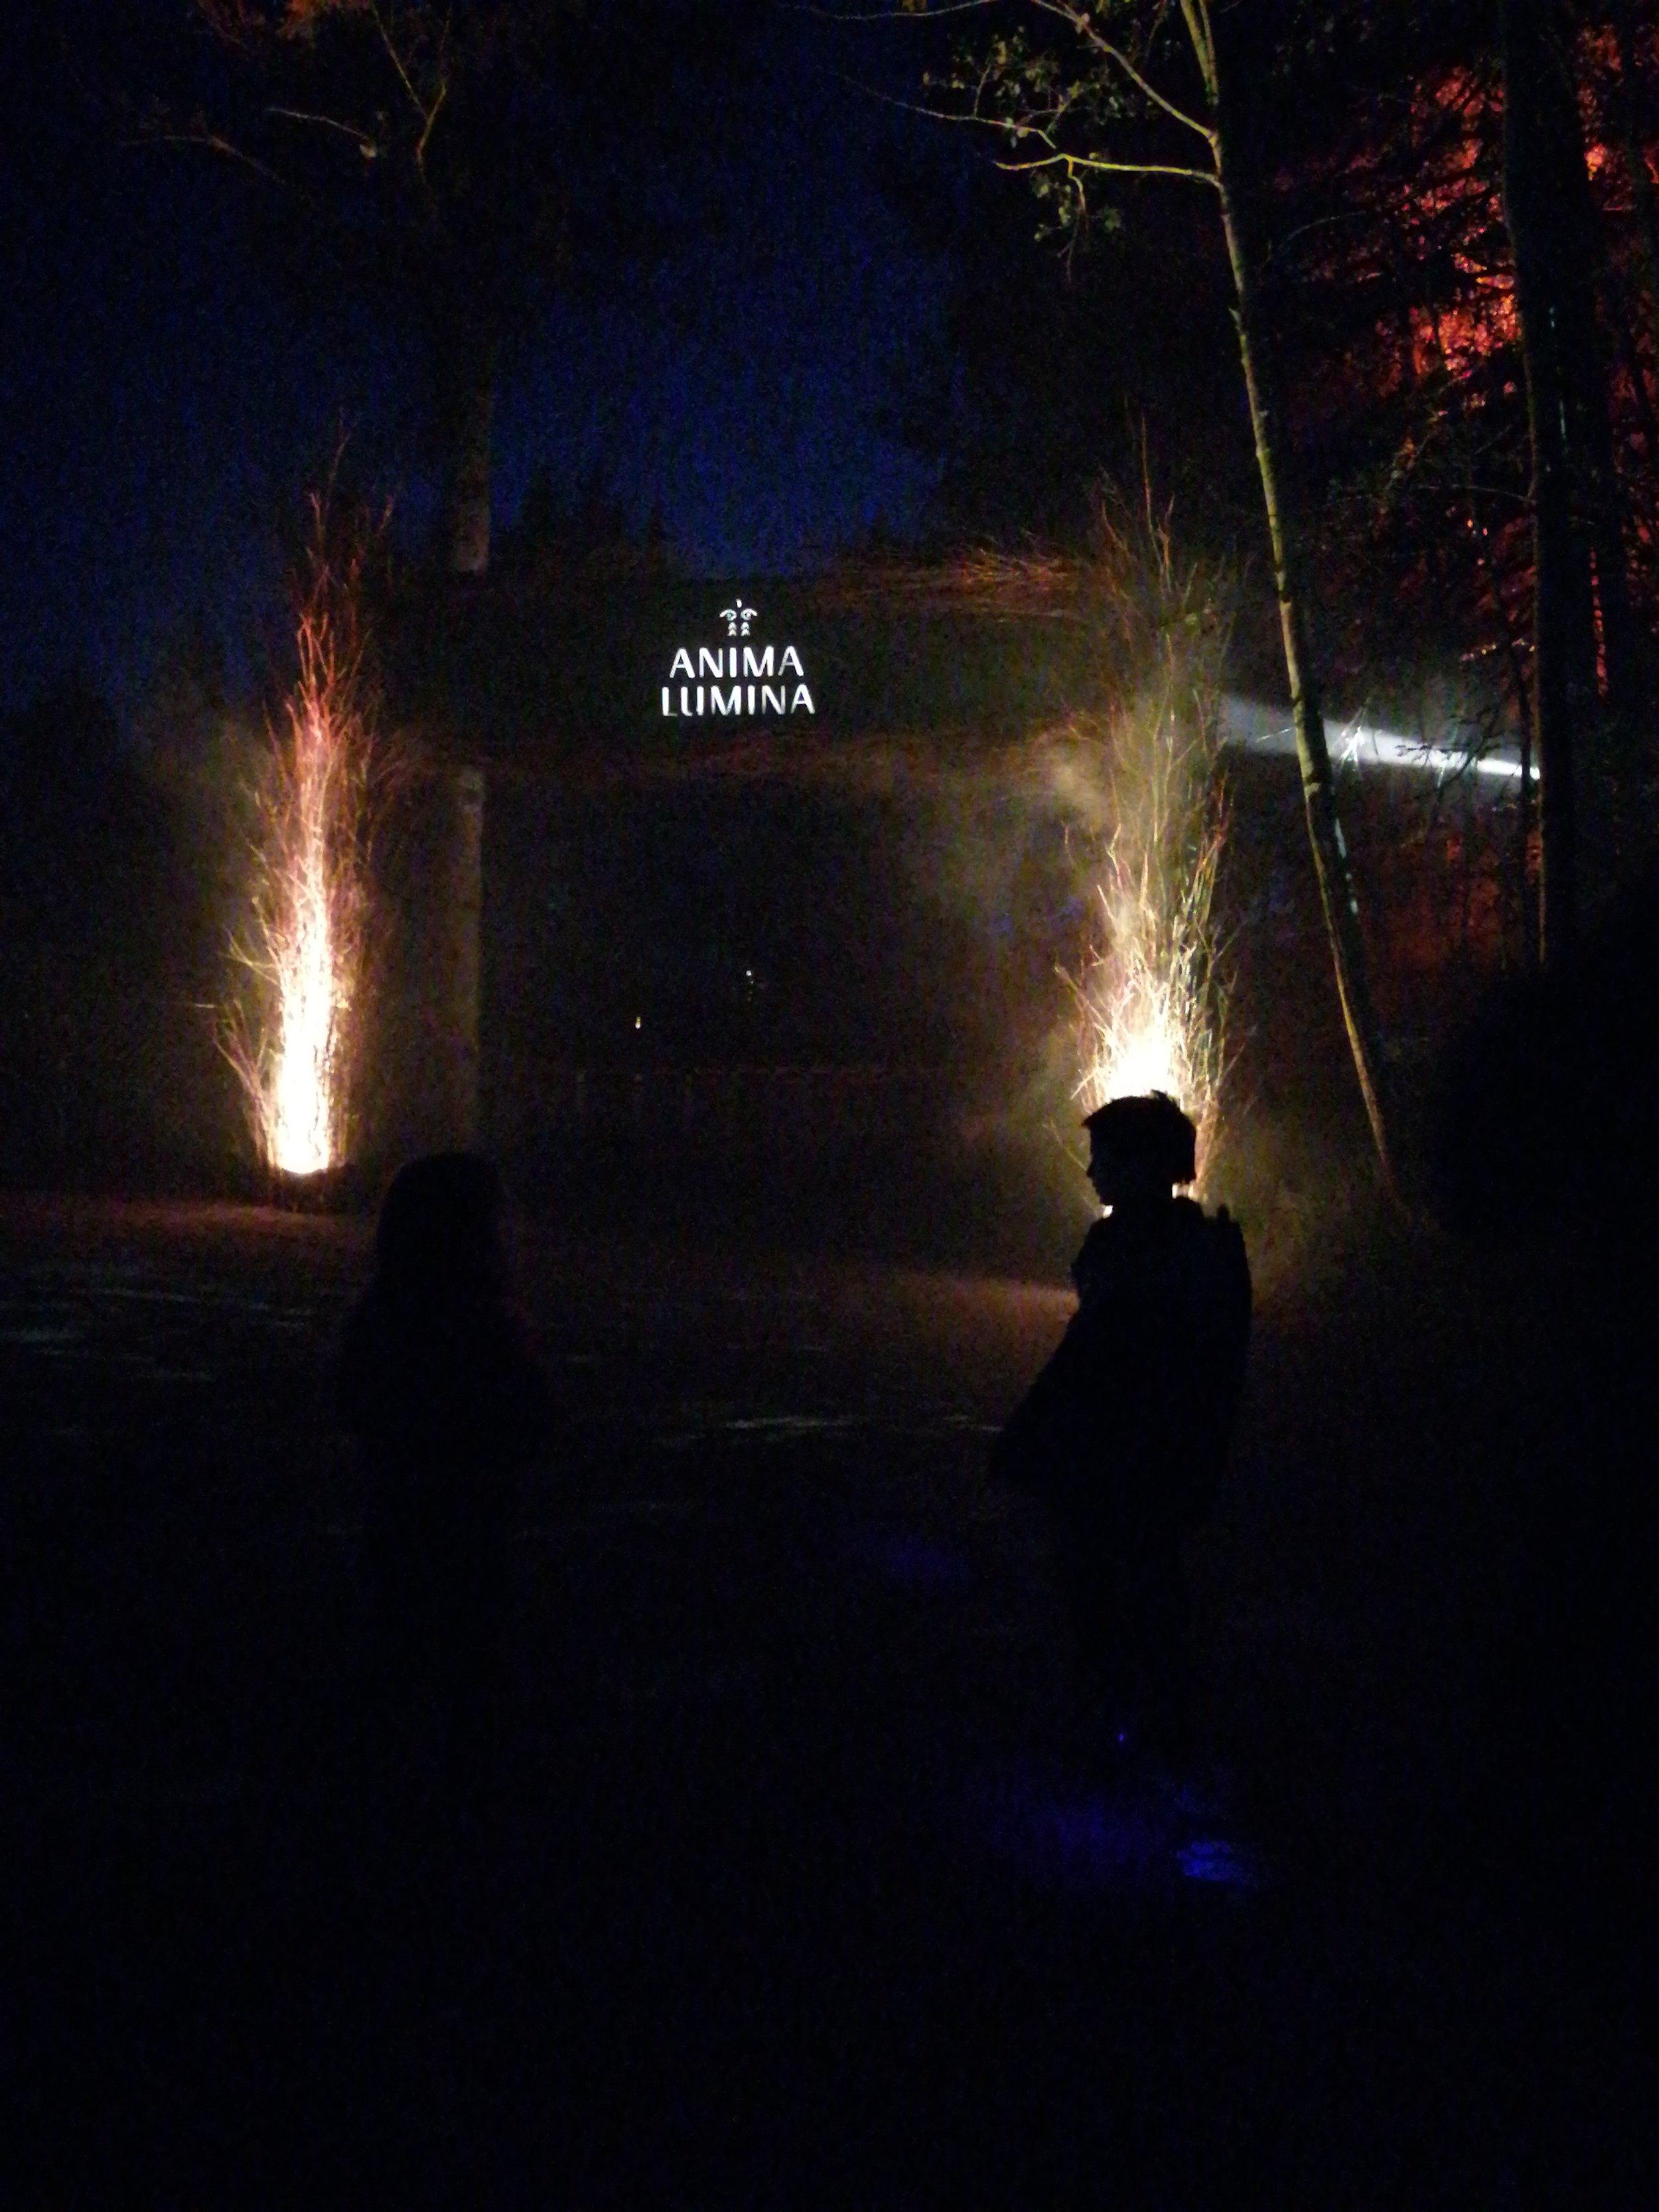 voyage-famille-lac-saint-jean-zoo-st-félicien-visite-nuit-illuminé-anima-lumina